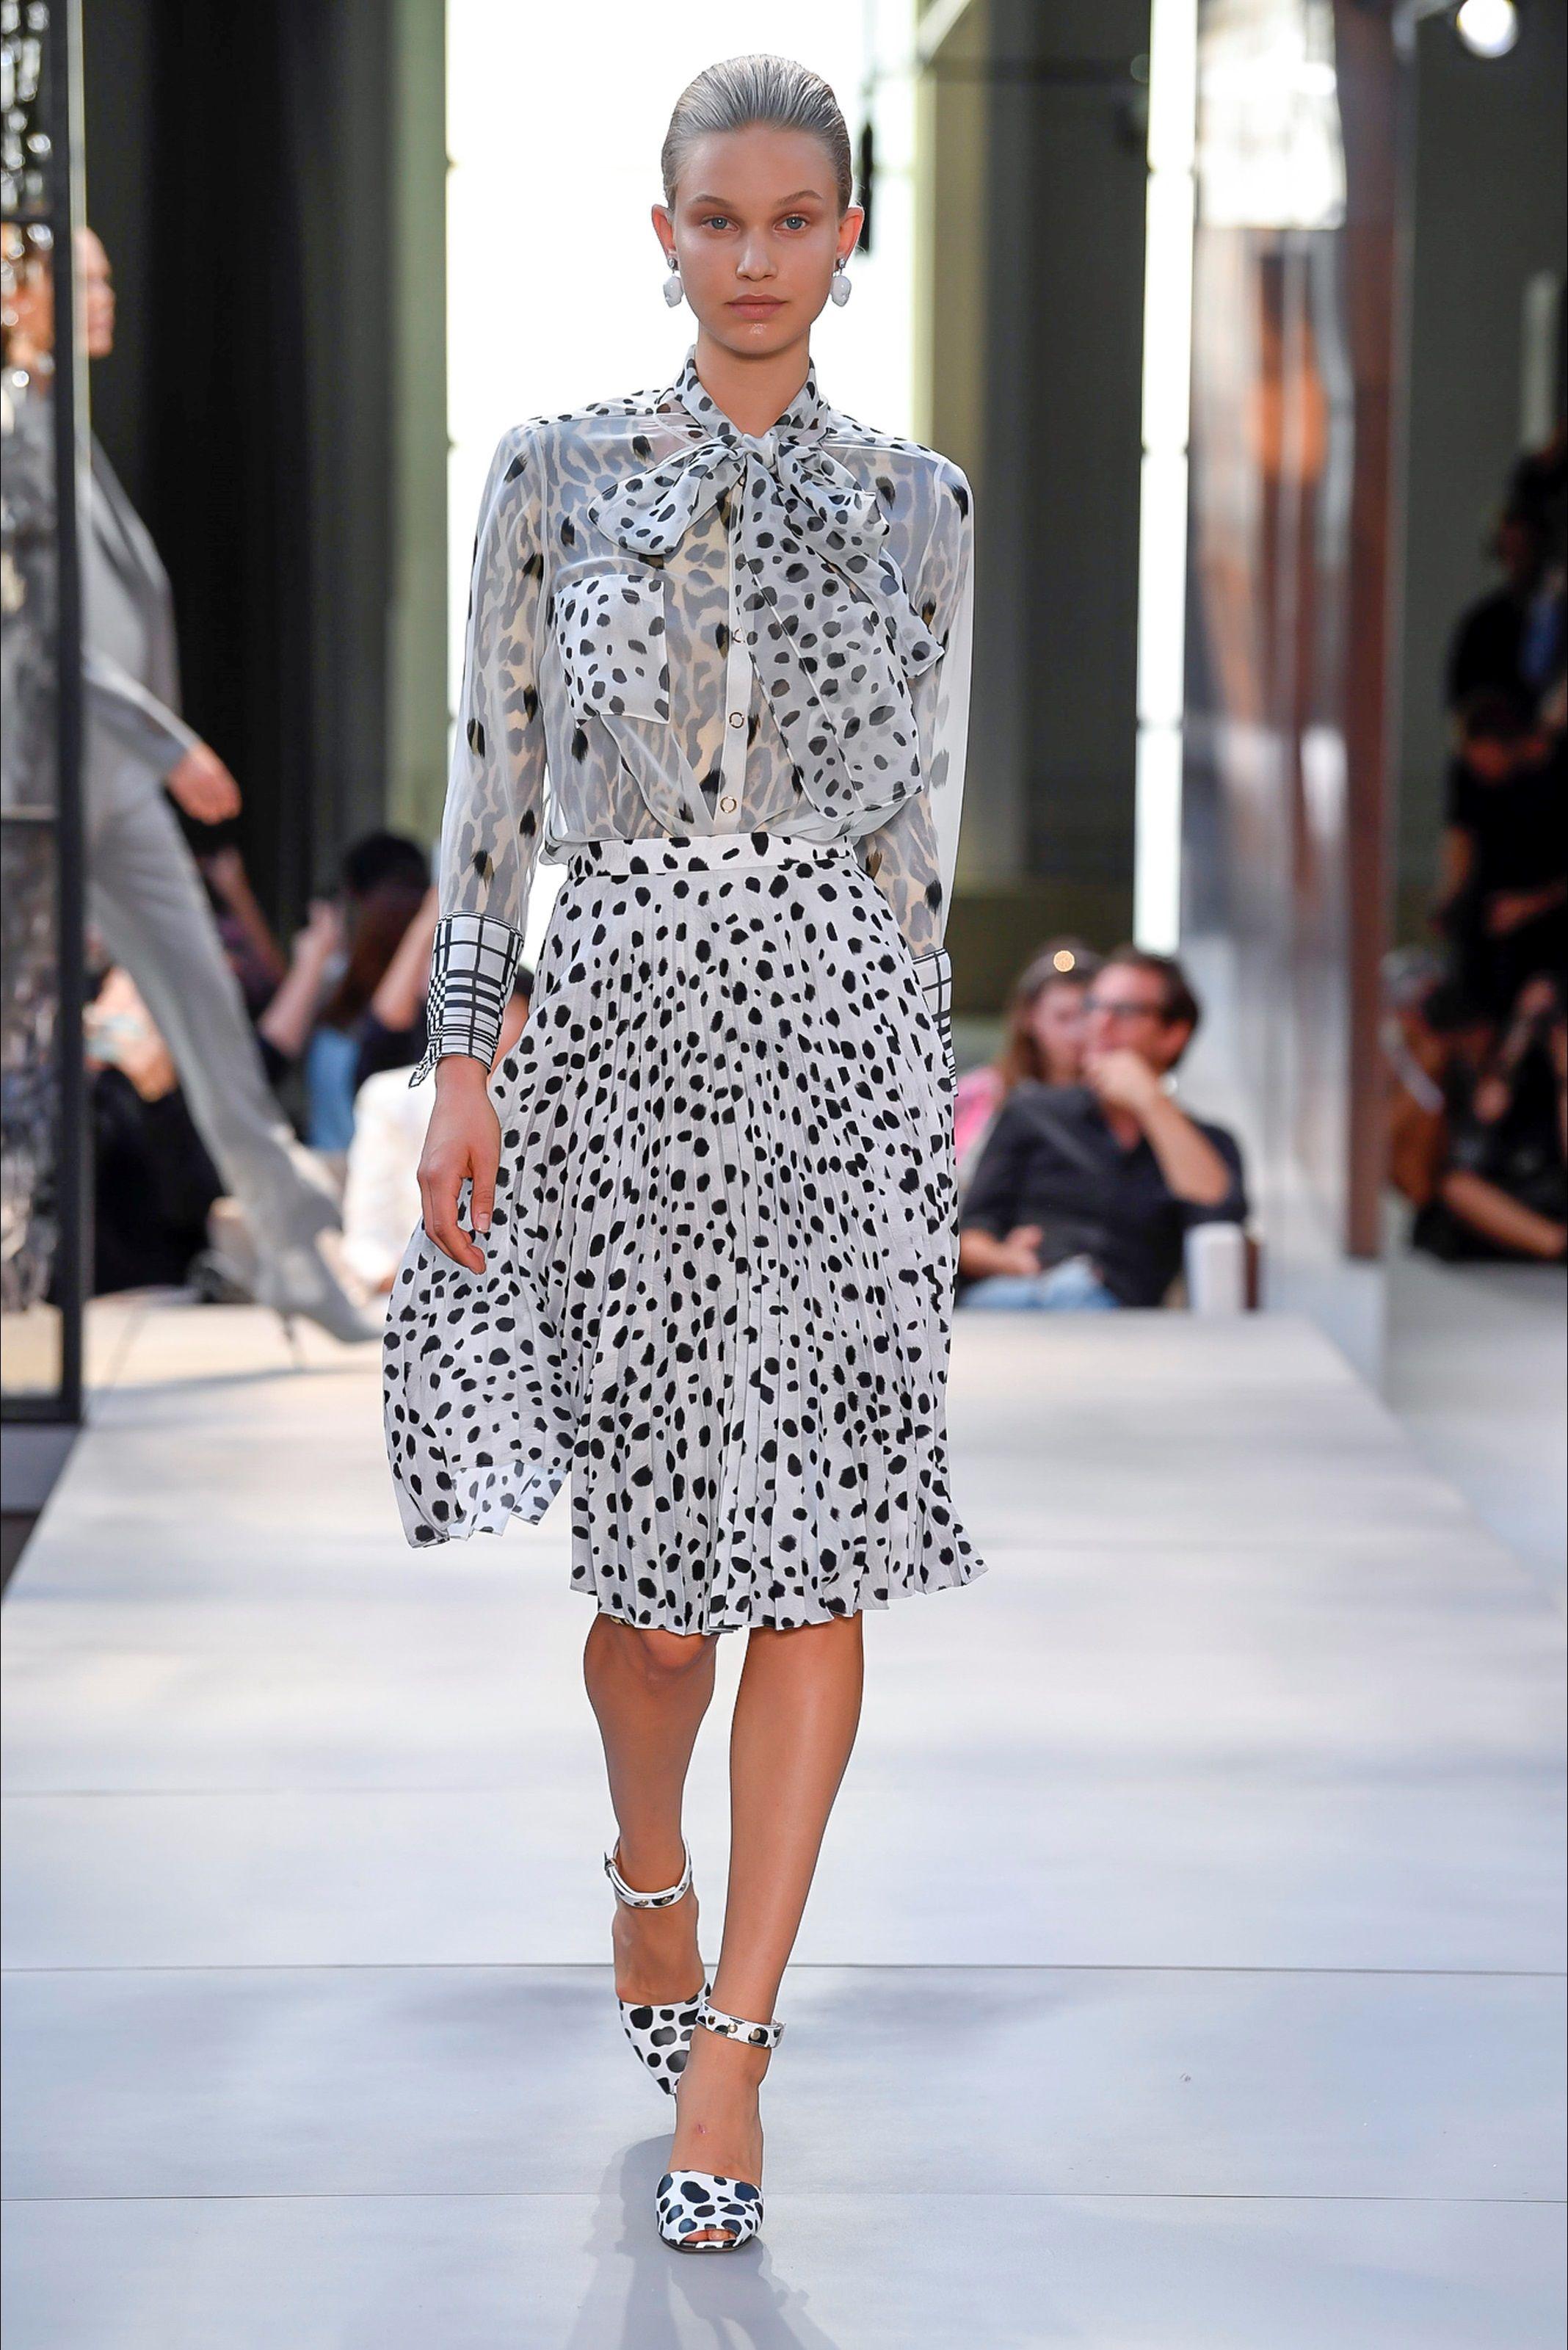 Sfilata Burberry Londra - Collezioni Primavera Estate 2019 - Vogue Sfilata  Di Moda c5aadee1676